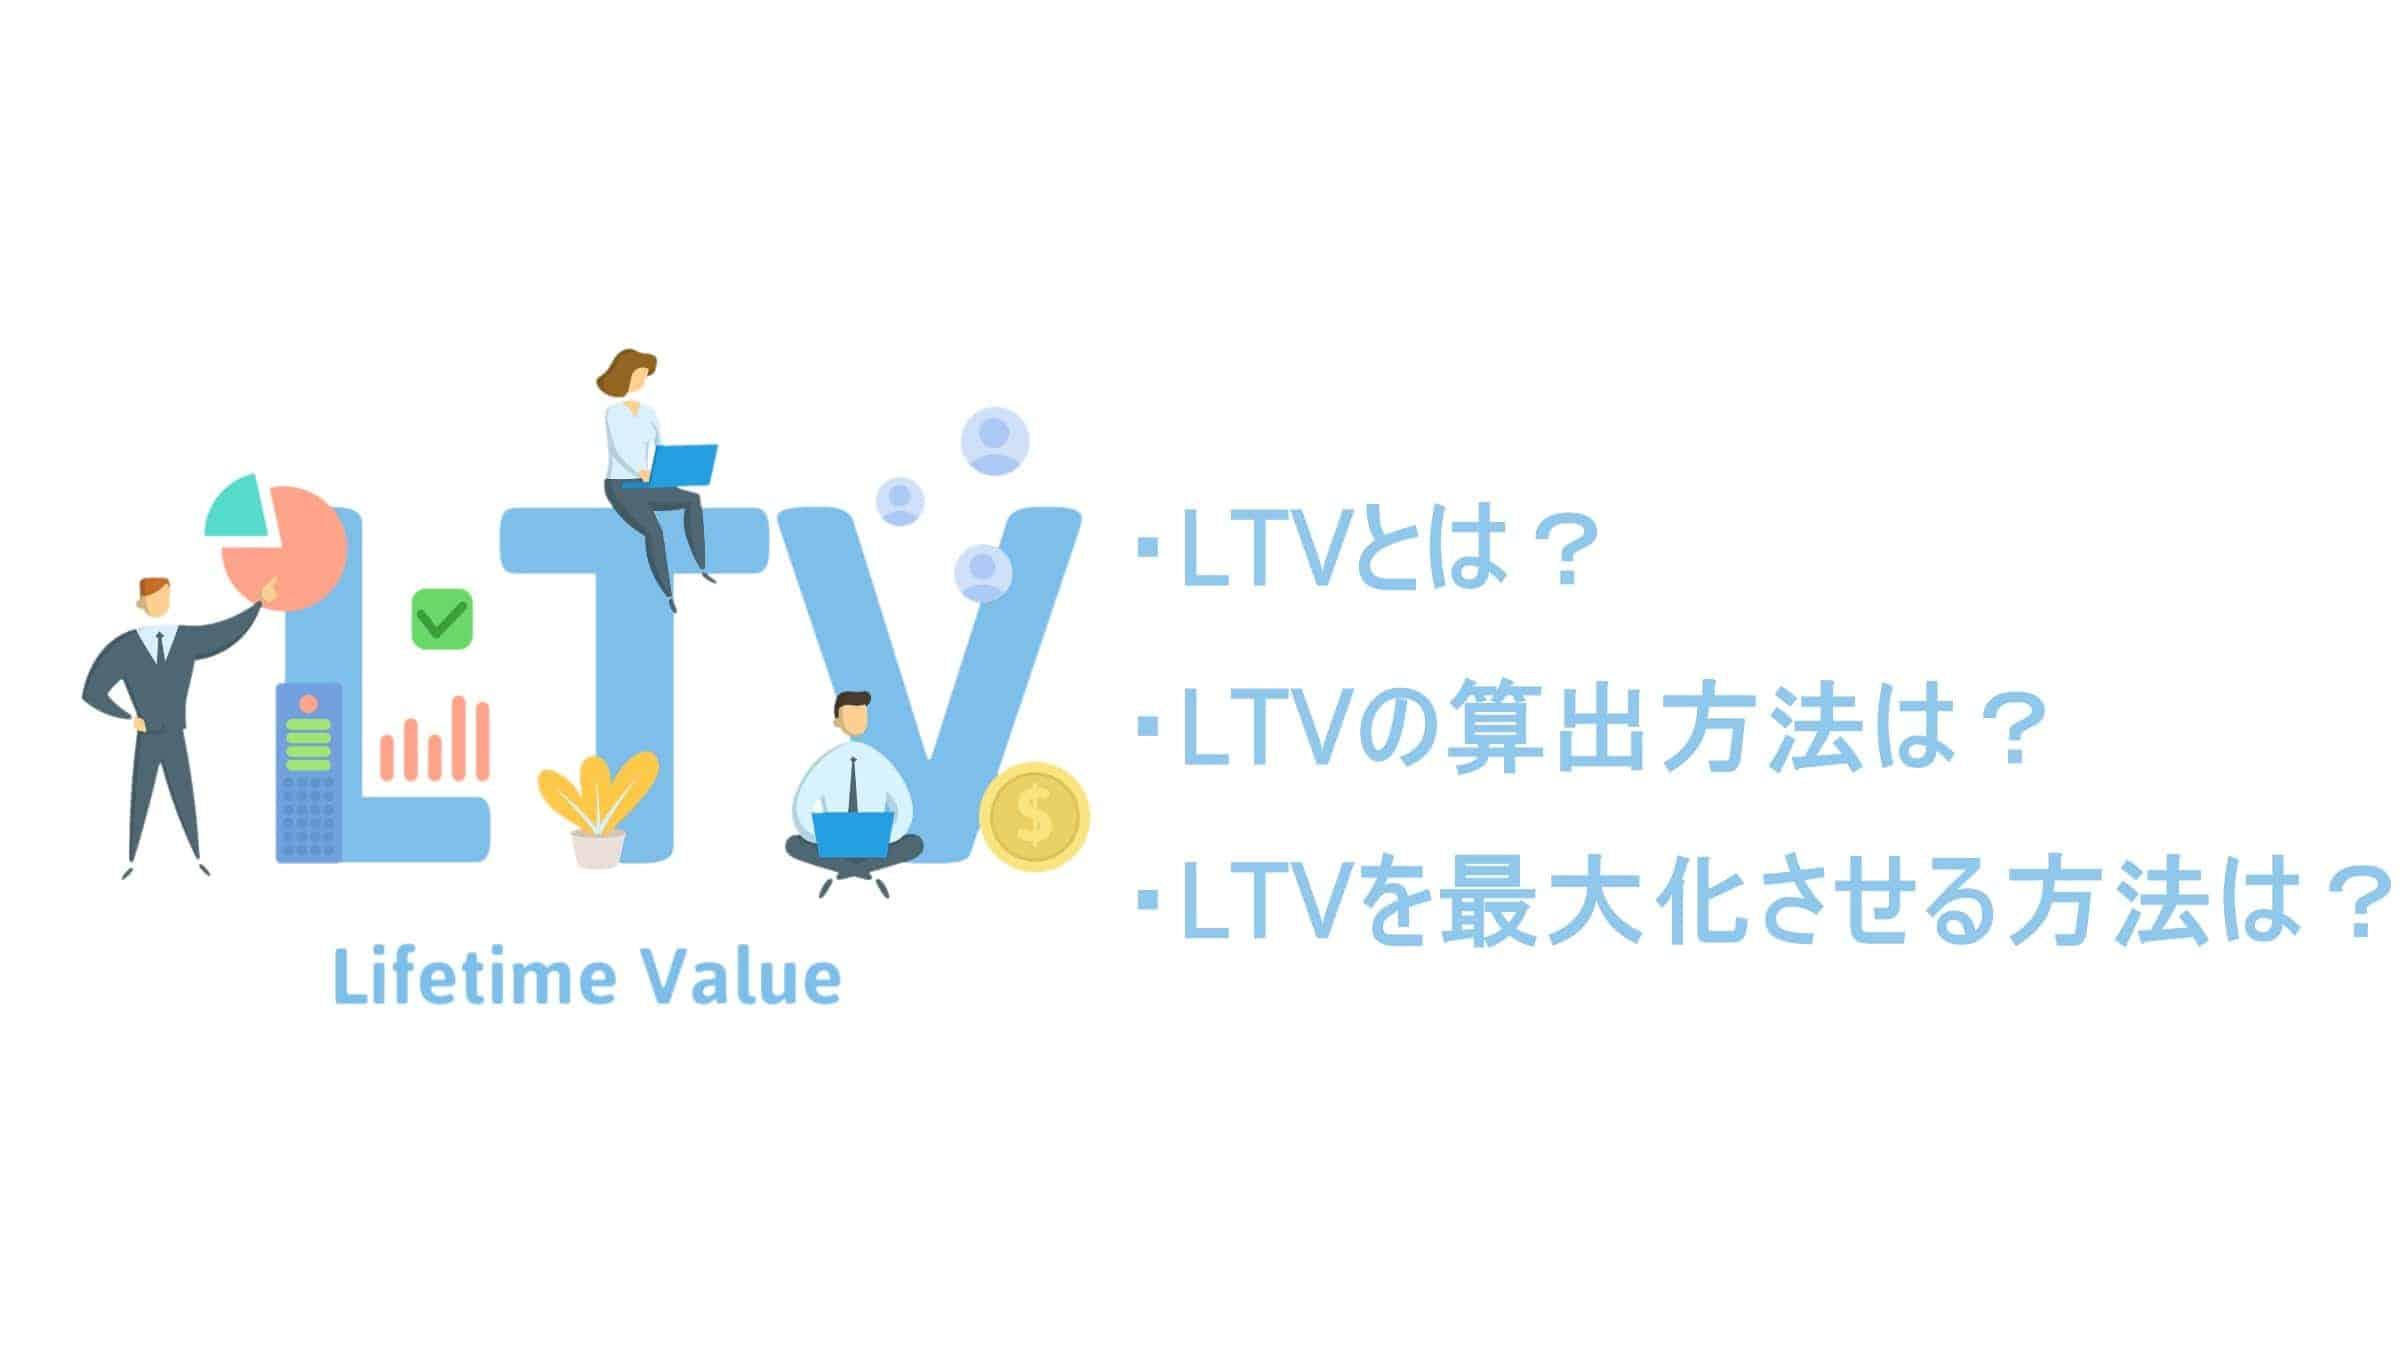 LTVで利益を予測する方法とは?代表的なLTV算出方法や最大化させる方法も紹介!